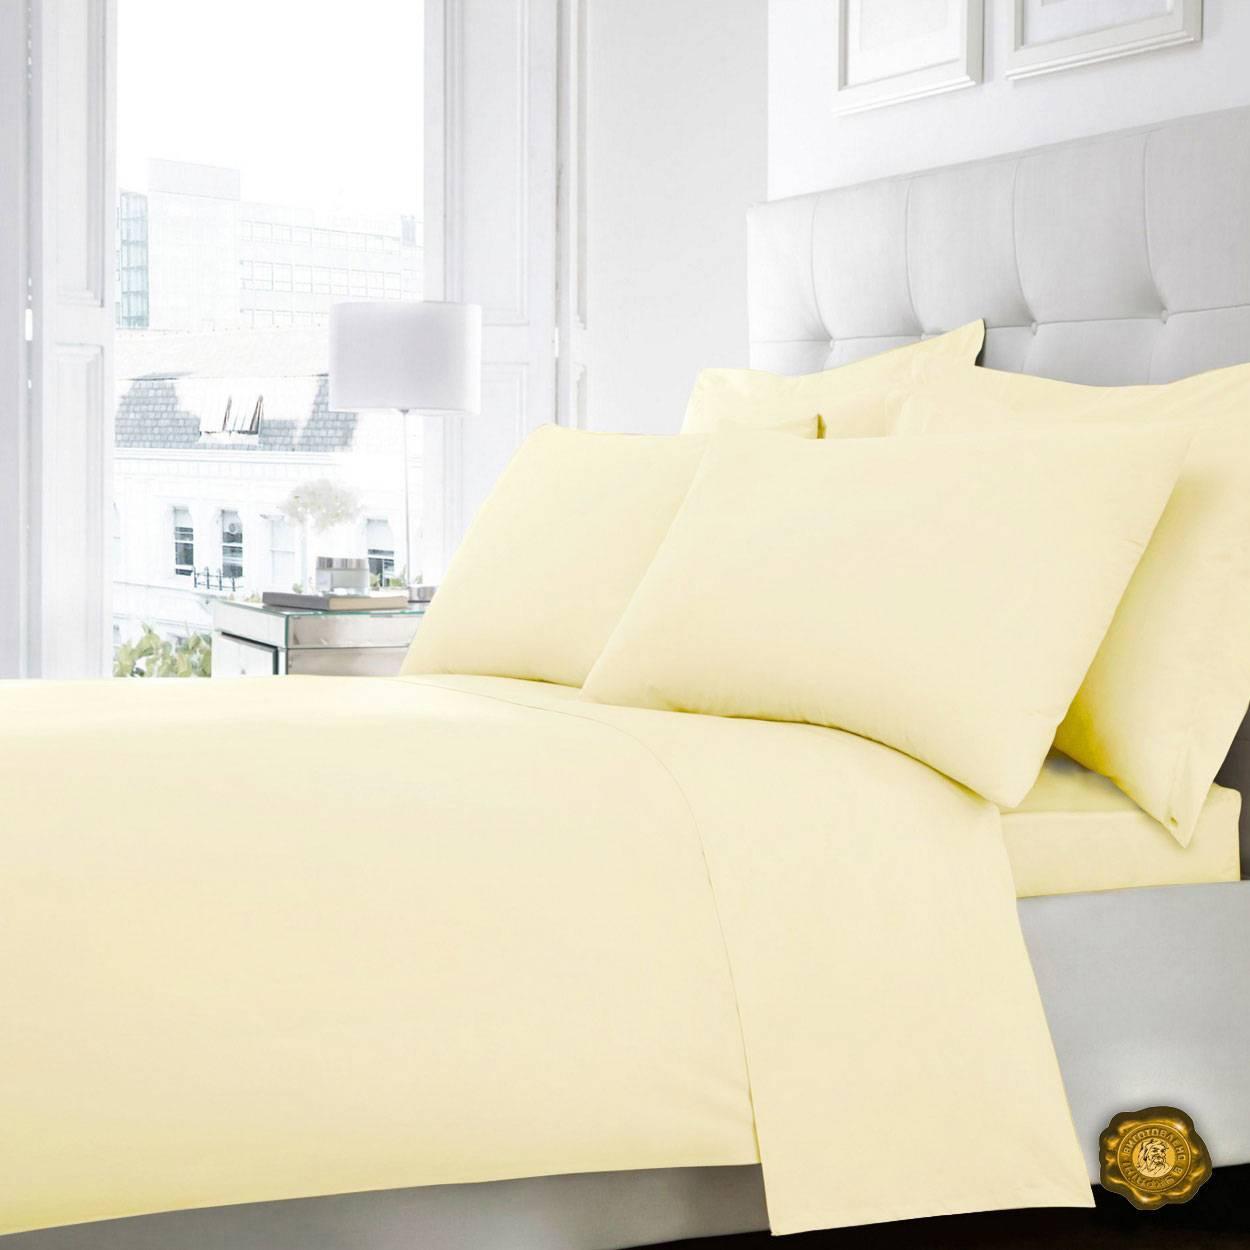 Еней-Плюс Евро постельный комплект В0022 Еней-Плюс, цвет: желтый